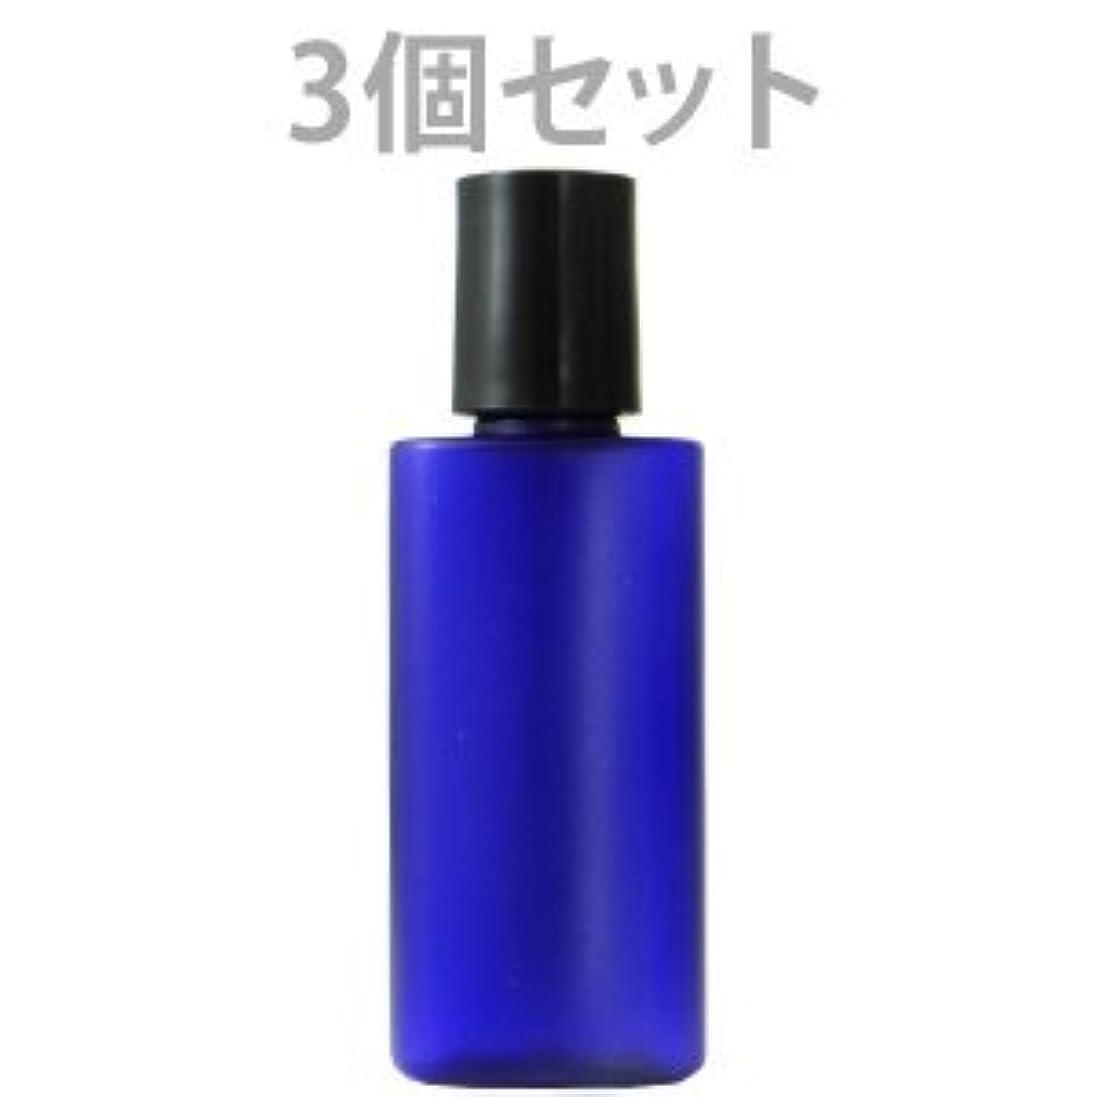 バスタブ出しますスピン遮光ミニプラボトル容器 20ml (青) (3個セット)